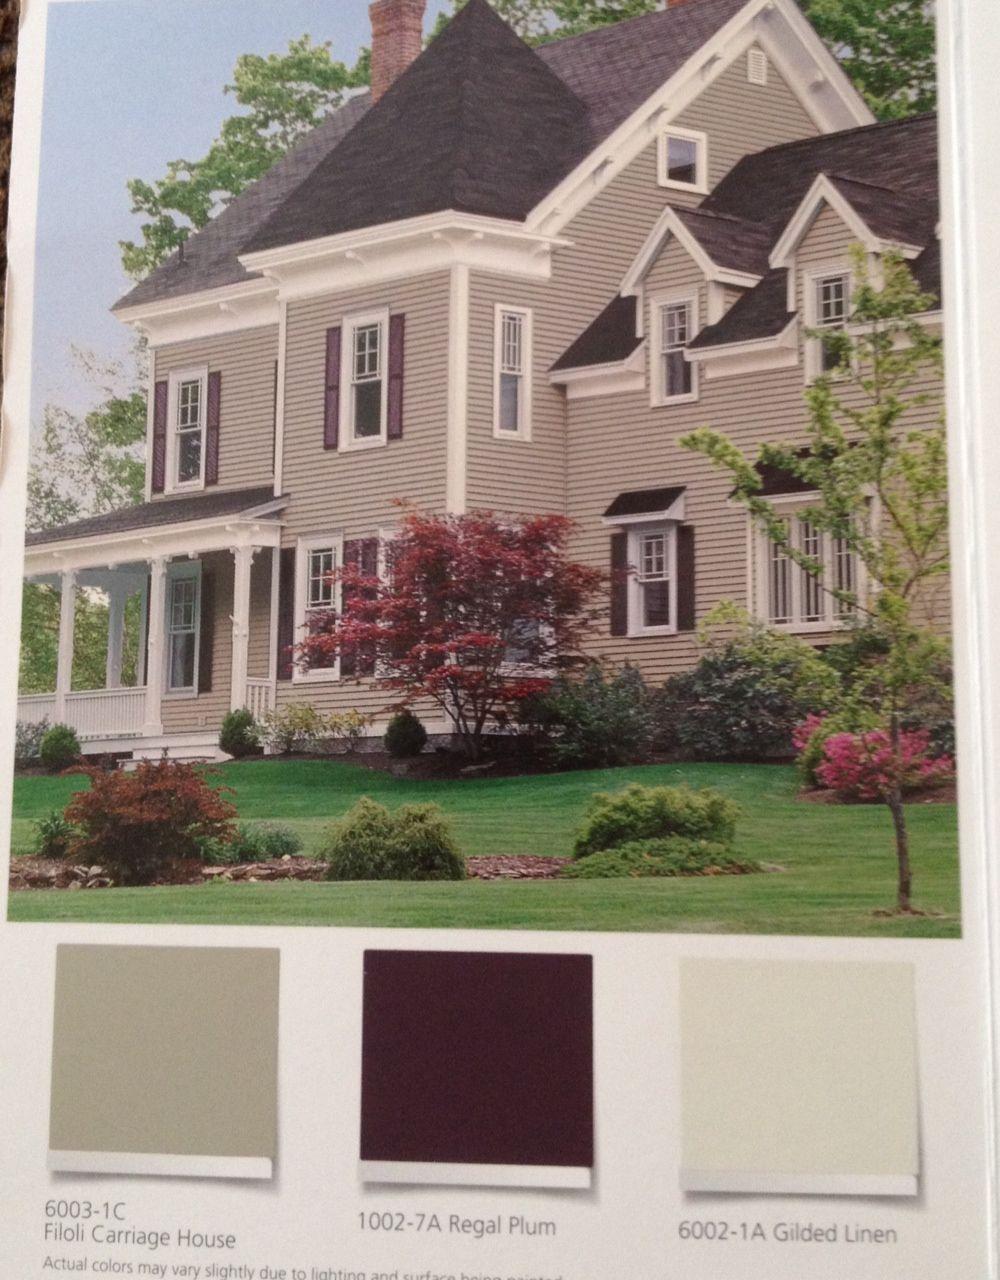 Current Exterior Paint Colors Paint Colors Exterior Paint Colors For House Tan House Exterior House Colors